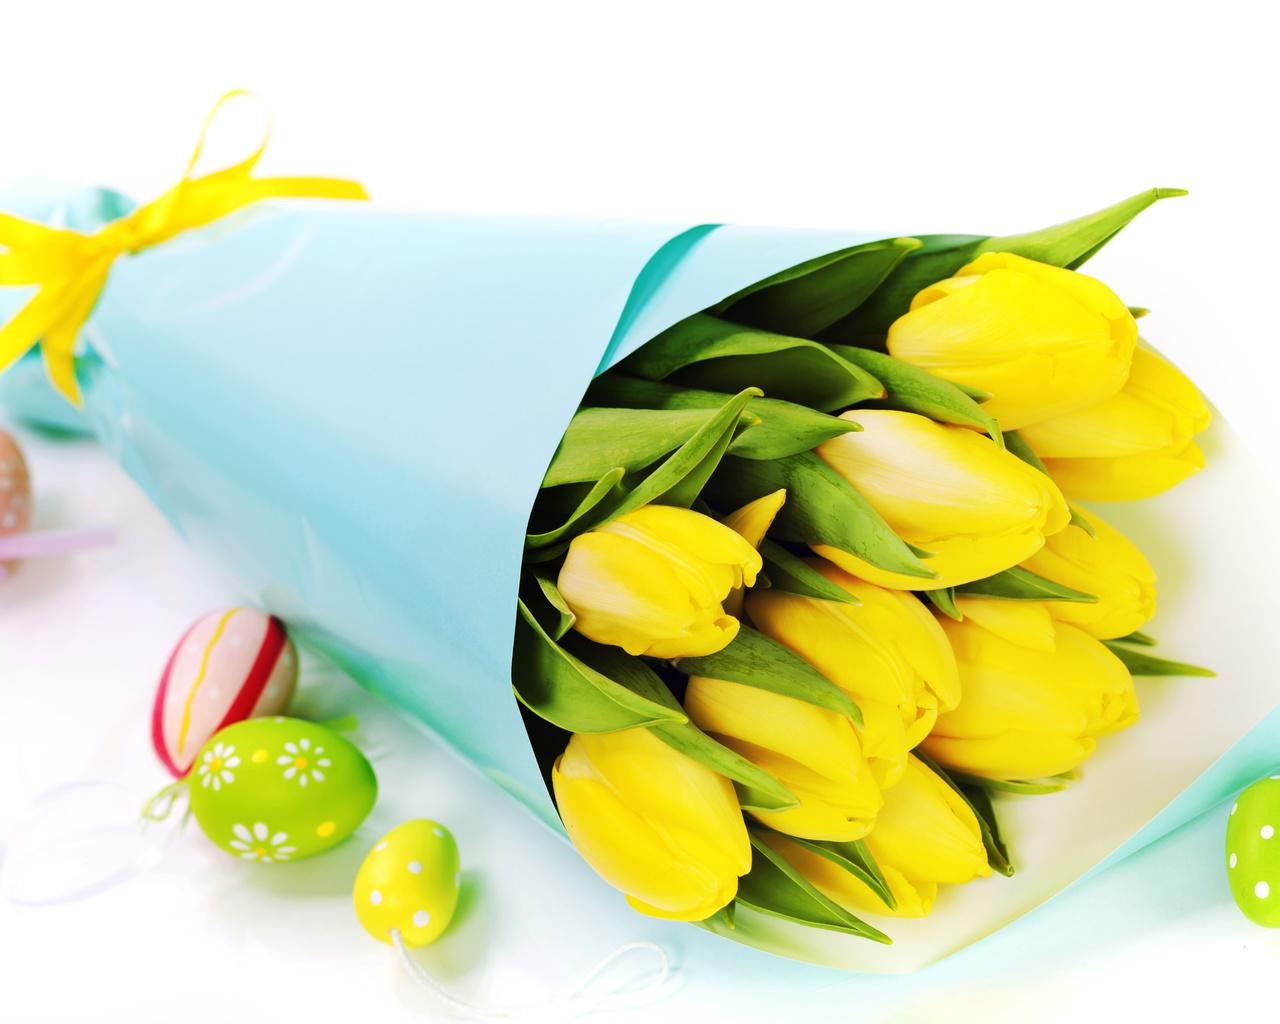 Картинки с днем рождения женщине с тюльпанами желтыми